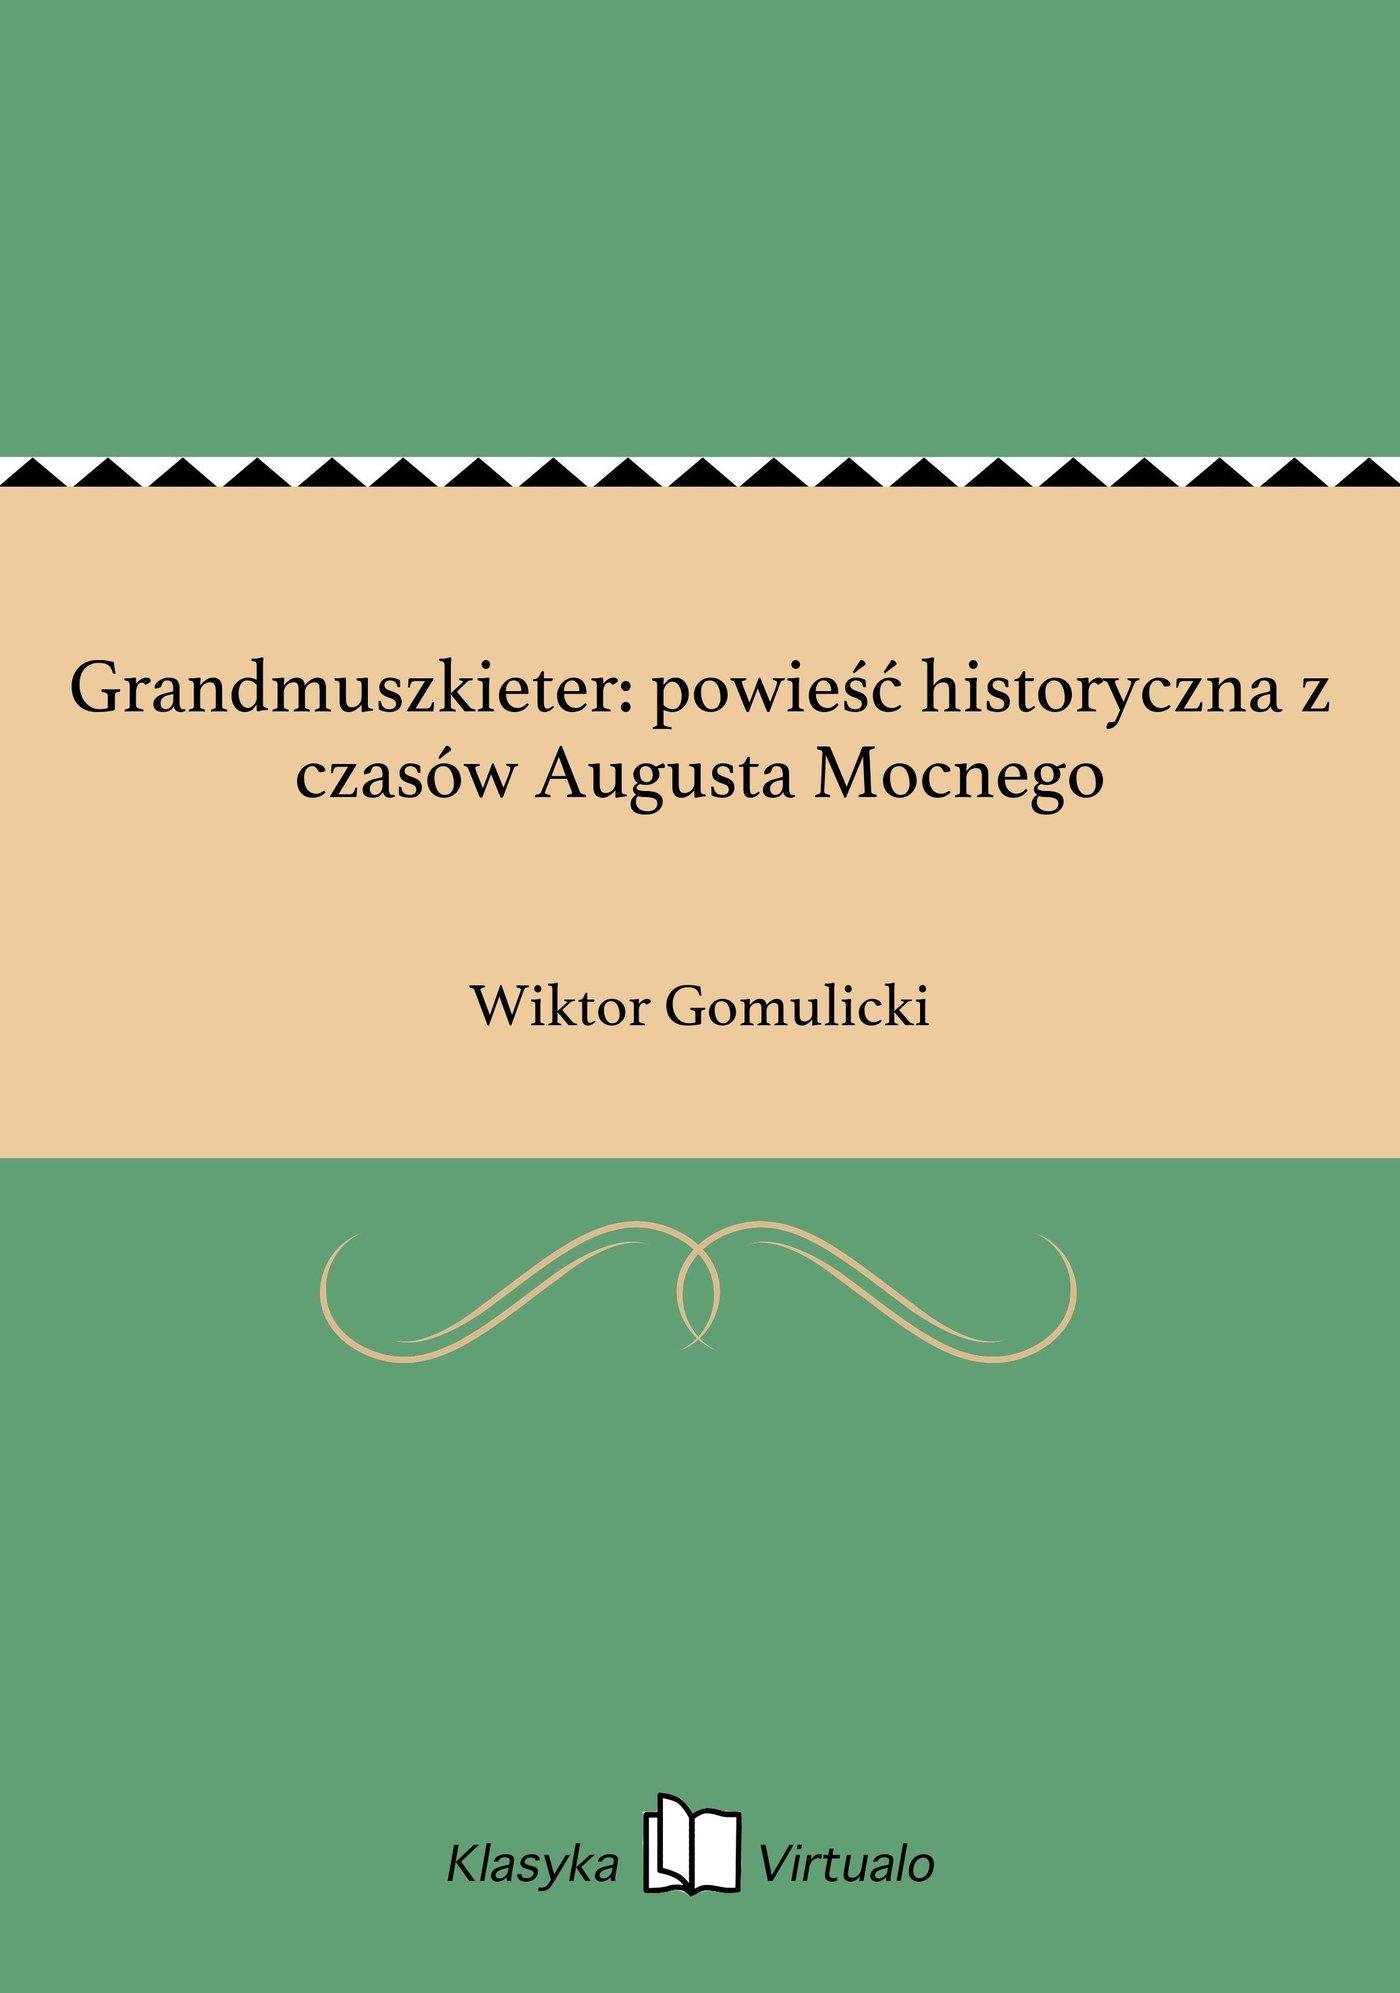 Grandmuszkieter: powieść historyczna z czasów Augusta Mocnego - Ebook (Książka EPUB) do pobrania w formacie EPUB